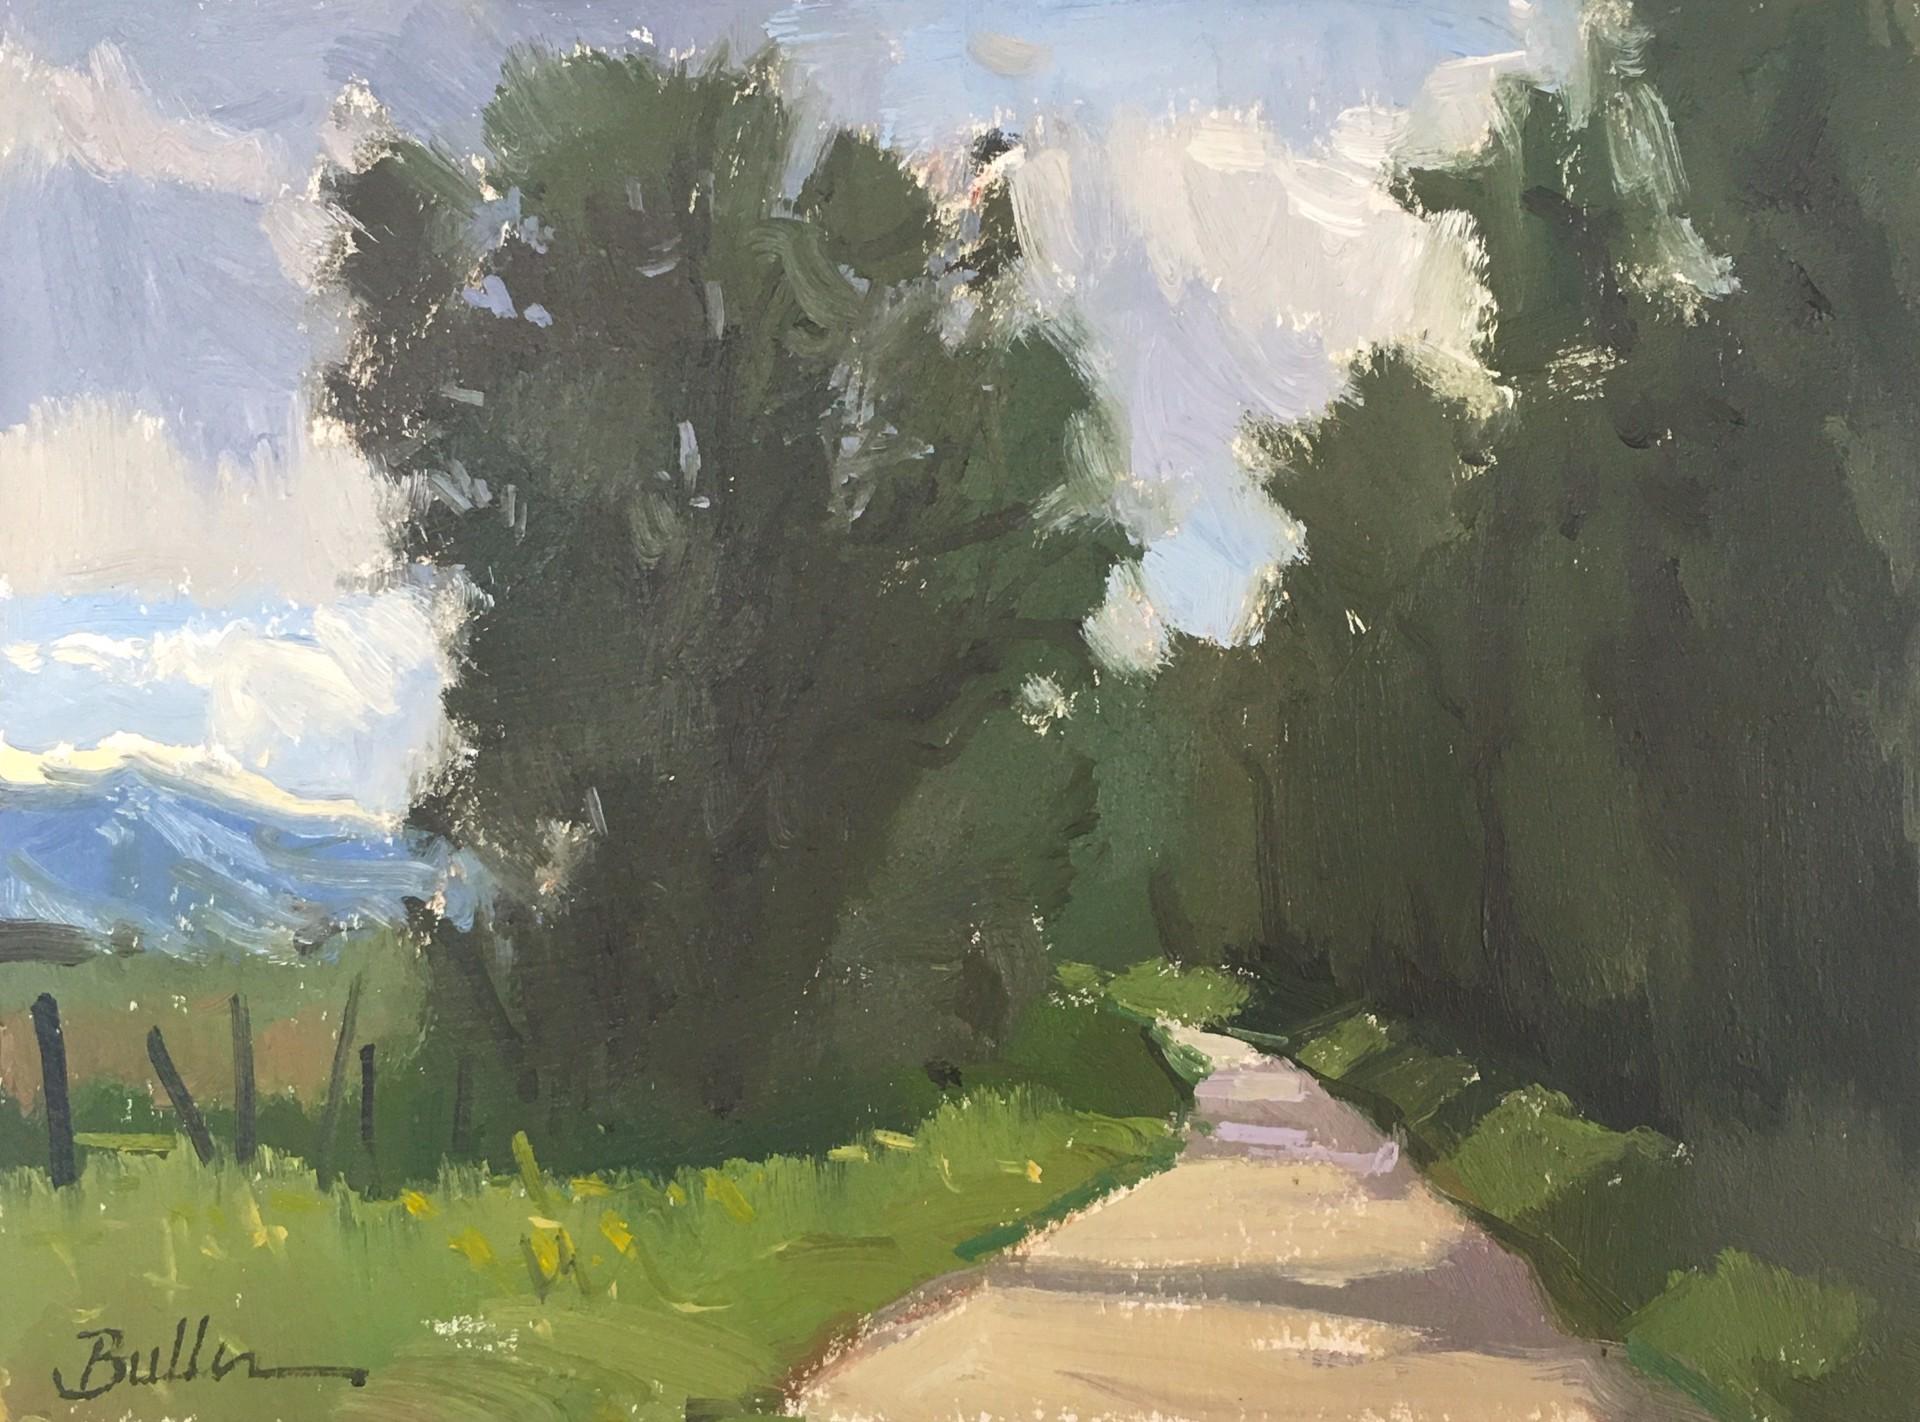 Idaho Road by Samantha Buller